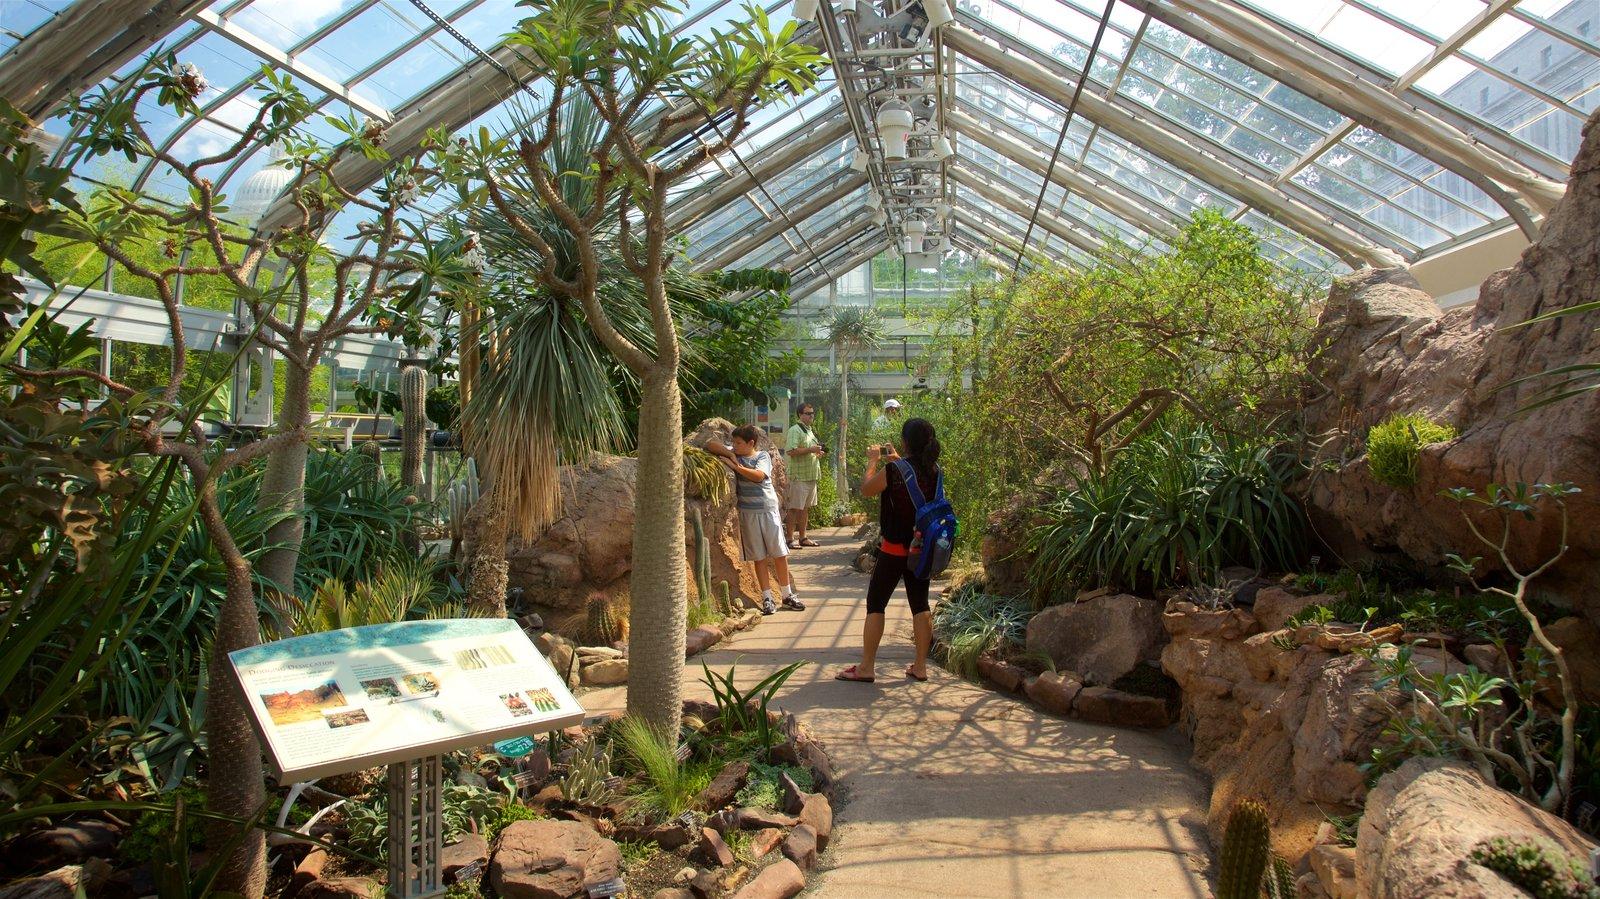 United States Botanic Garden mostrando sinalização, um parque e vistas internas